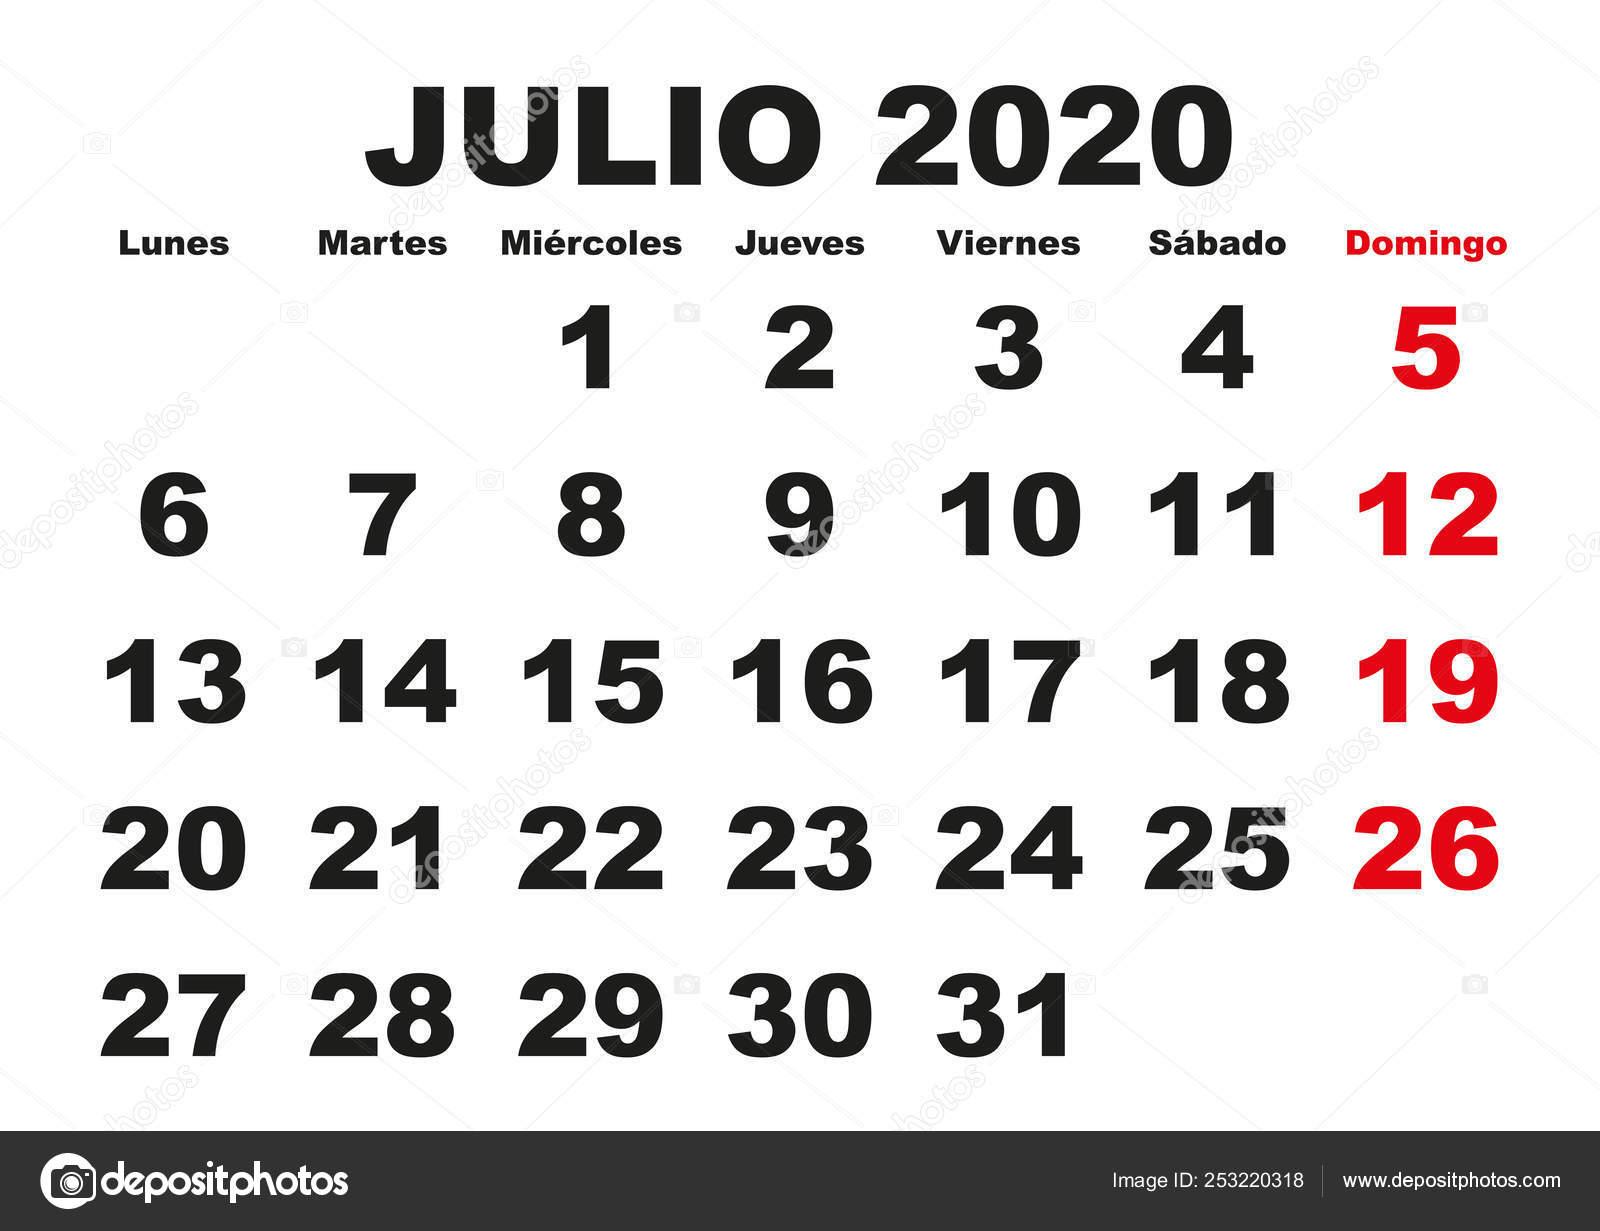 Calendario Julio 2020 Para Imprimir.Calendario De Pared De 2020 De Julio Espanol Archivo Imagenes